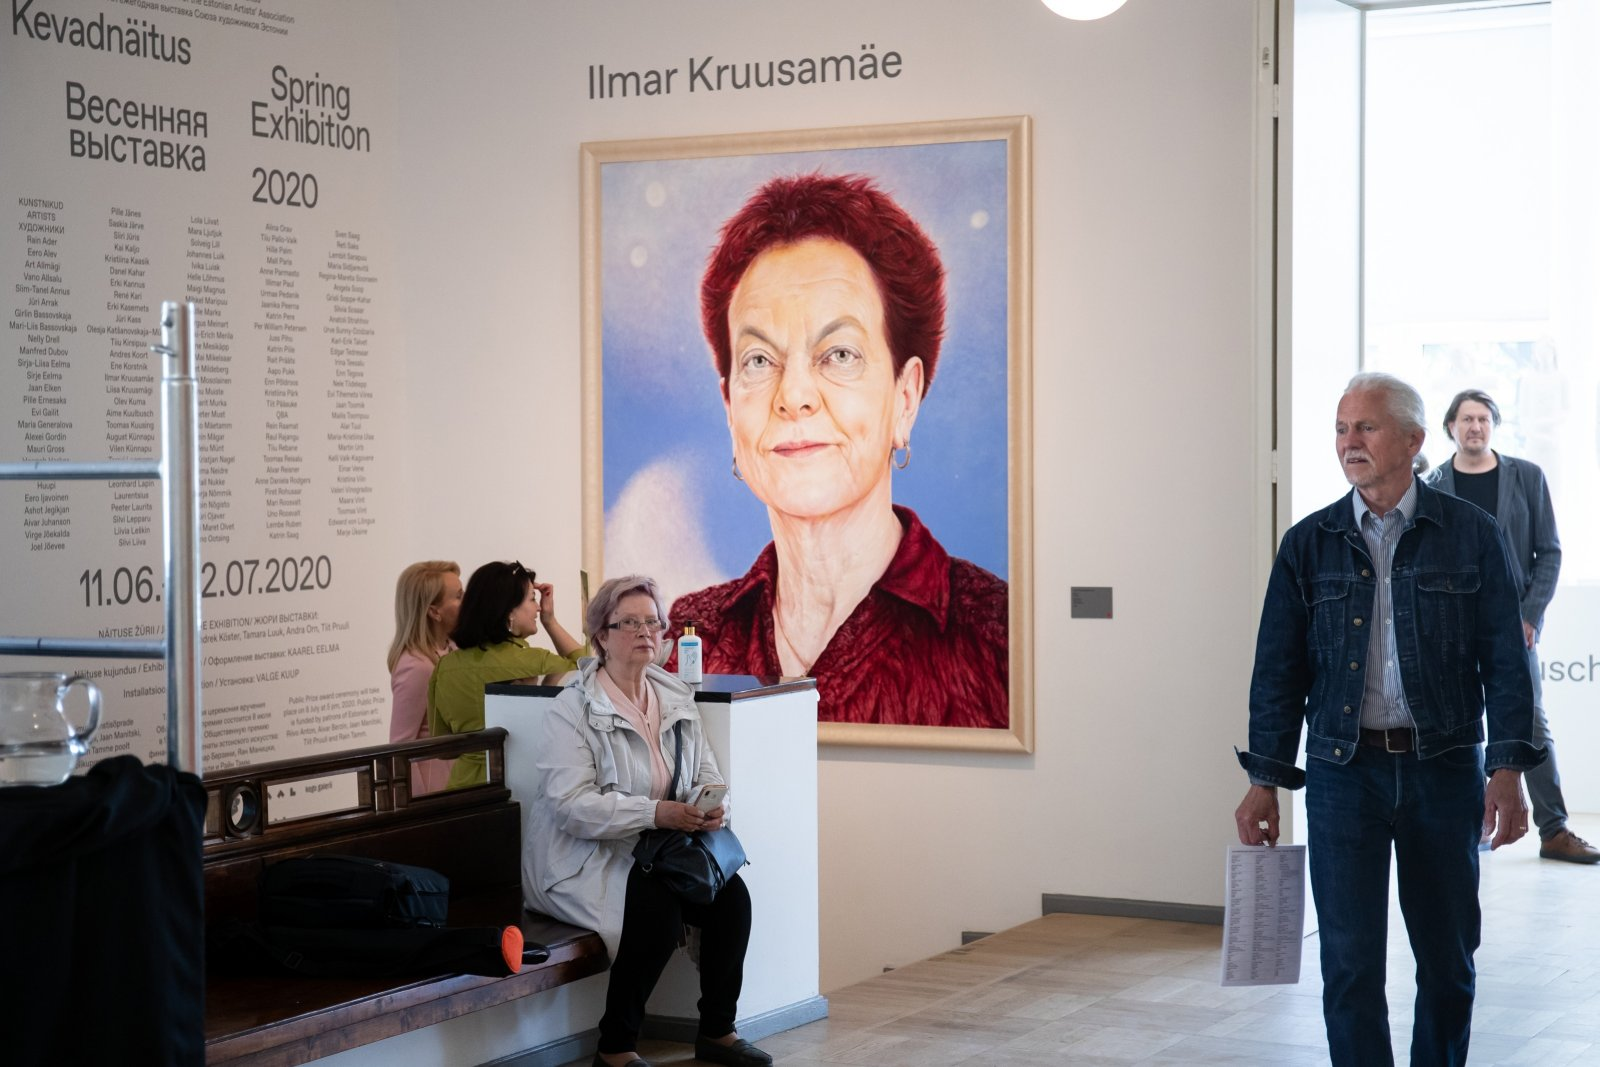 FOTOD | Kunstihoone Kevadnäitusel näeb 66 kunstniku maalitud 74 portreed